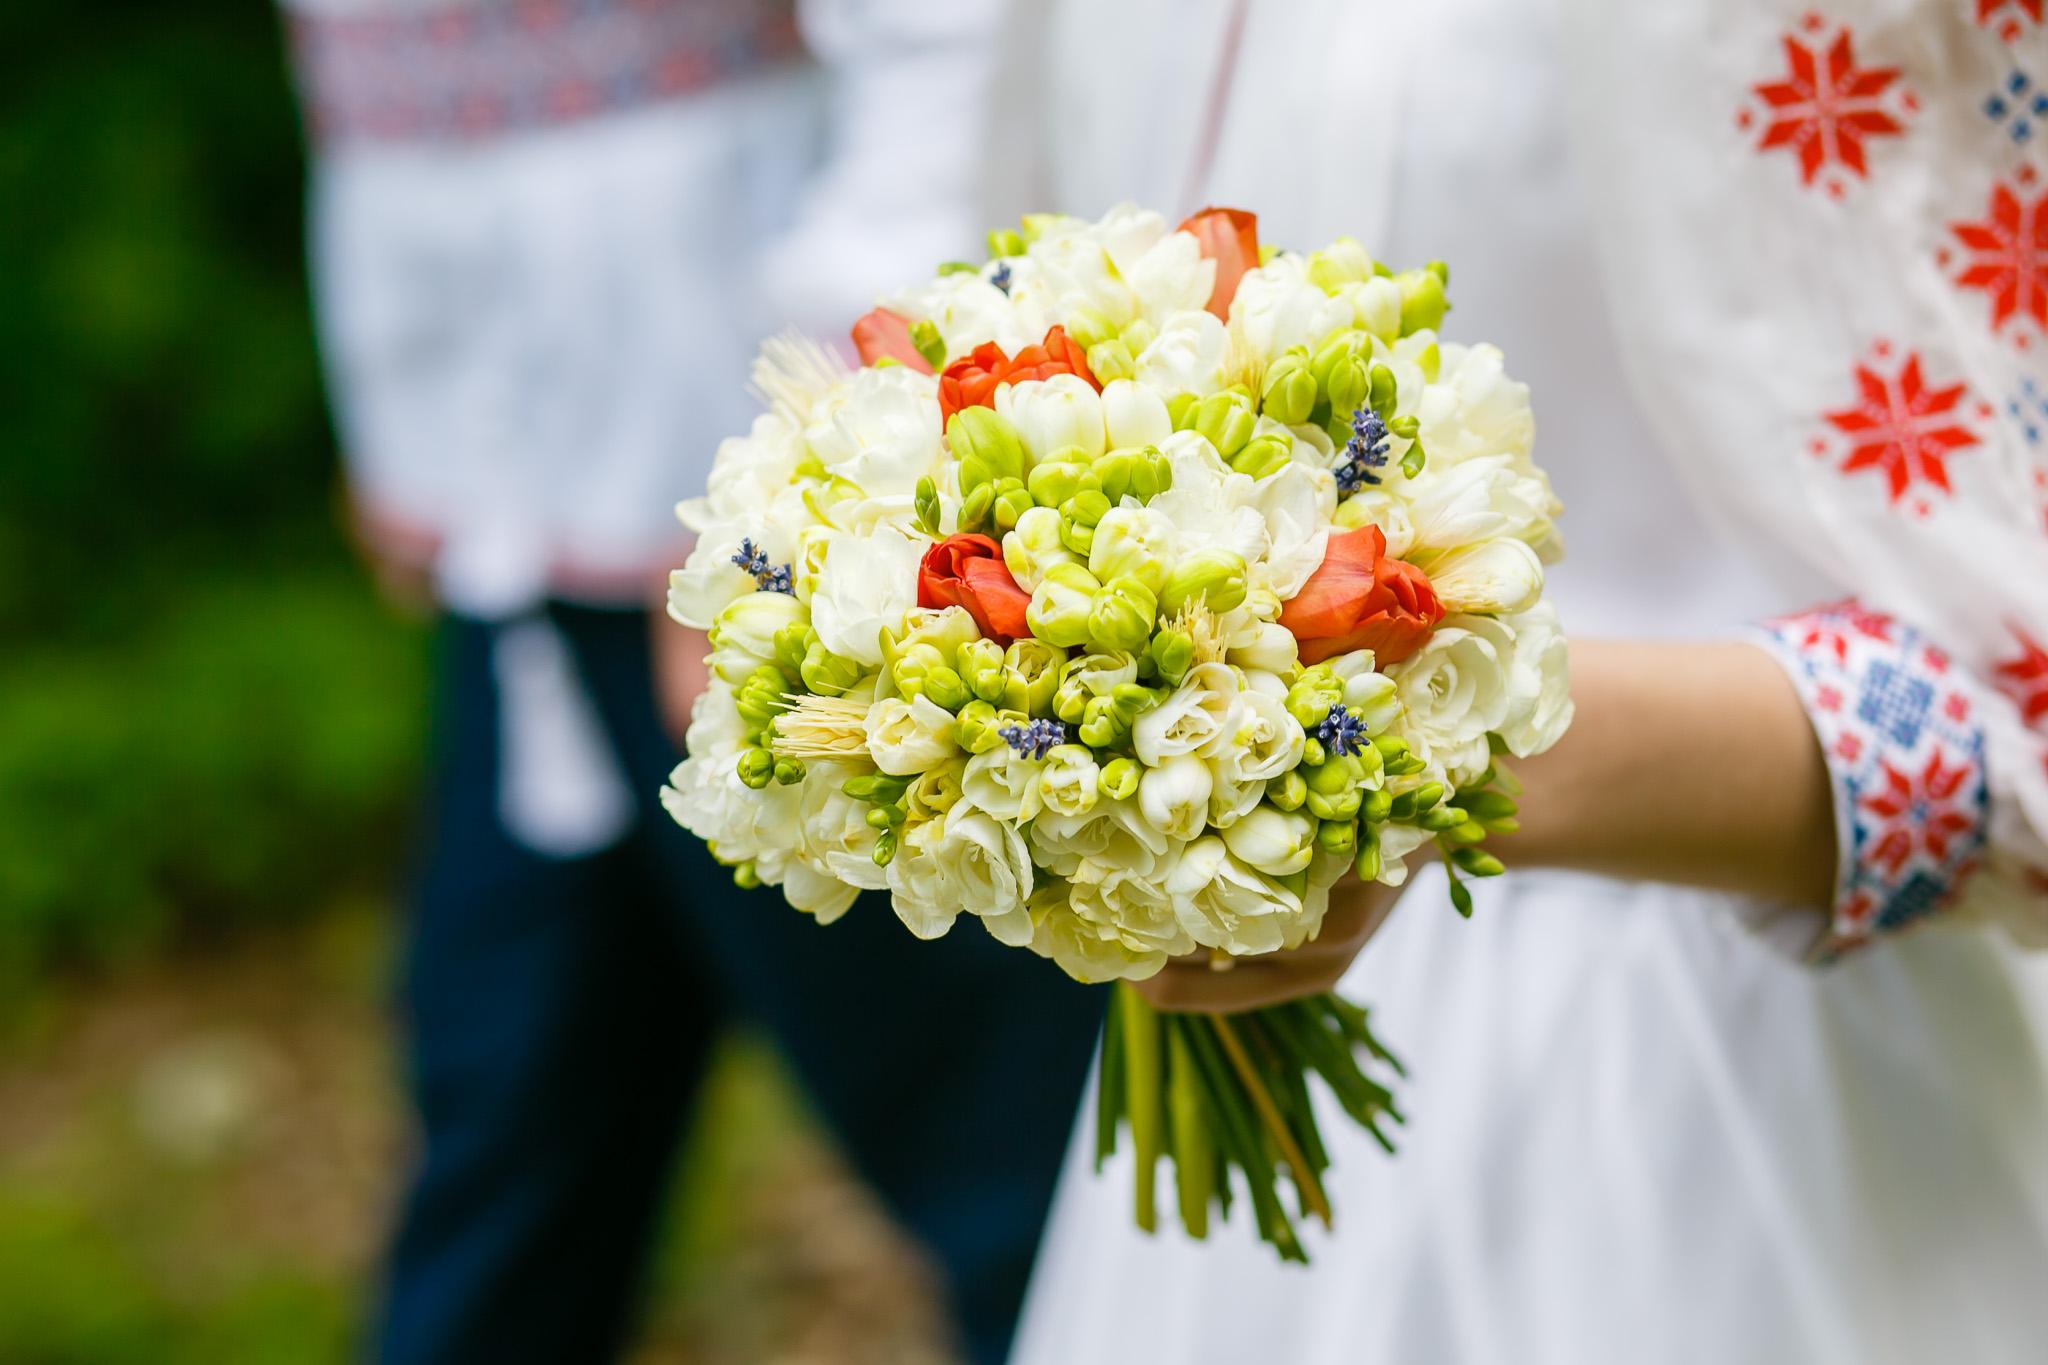 Nuntă tradițională Elisabeta și Alexandru fotograf profesionist nunta Iasi www.paulpadurariu.ro © 2018 Paul Padurariu fotograf de nunta Iasi sedinta foto miri 8